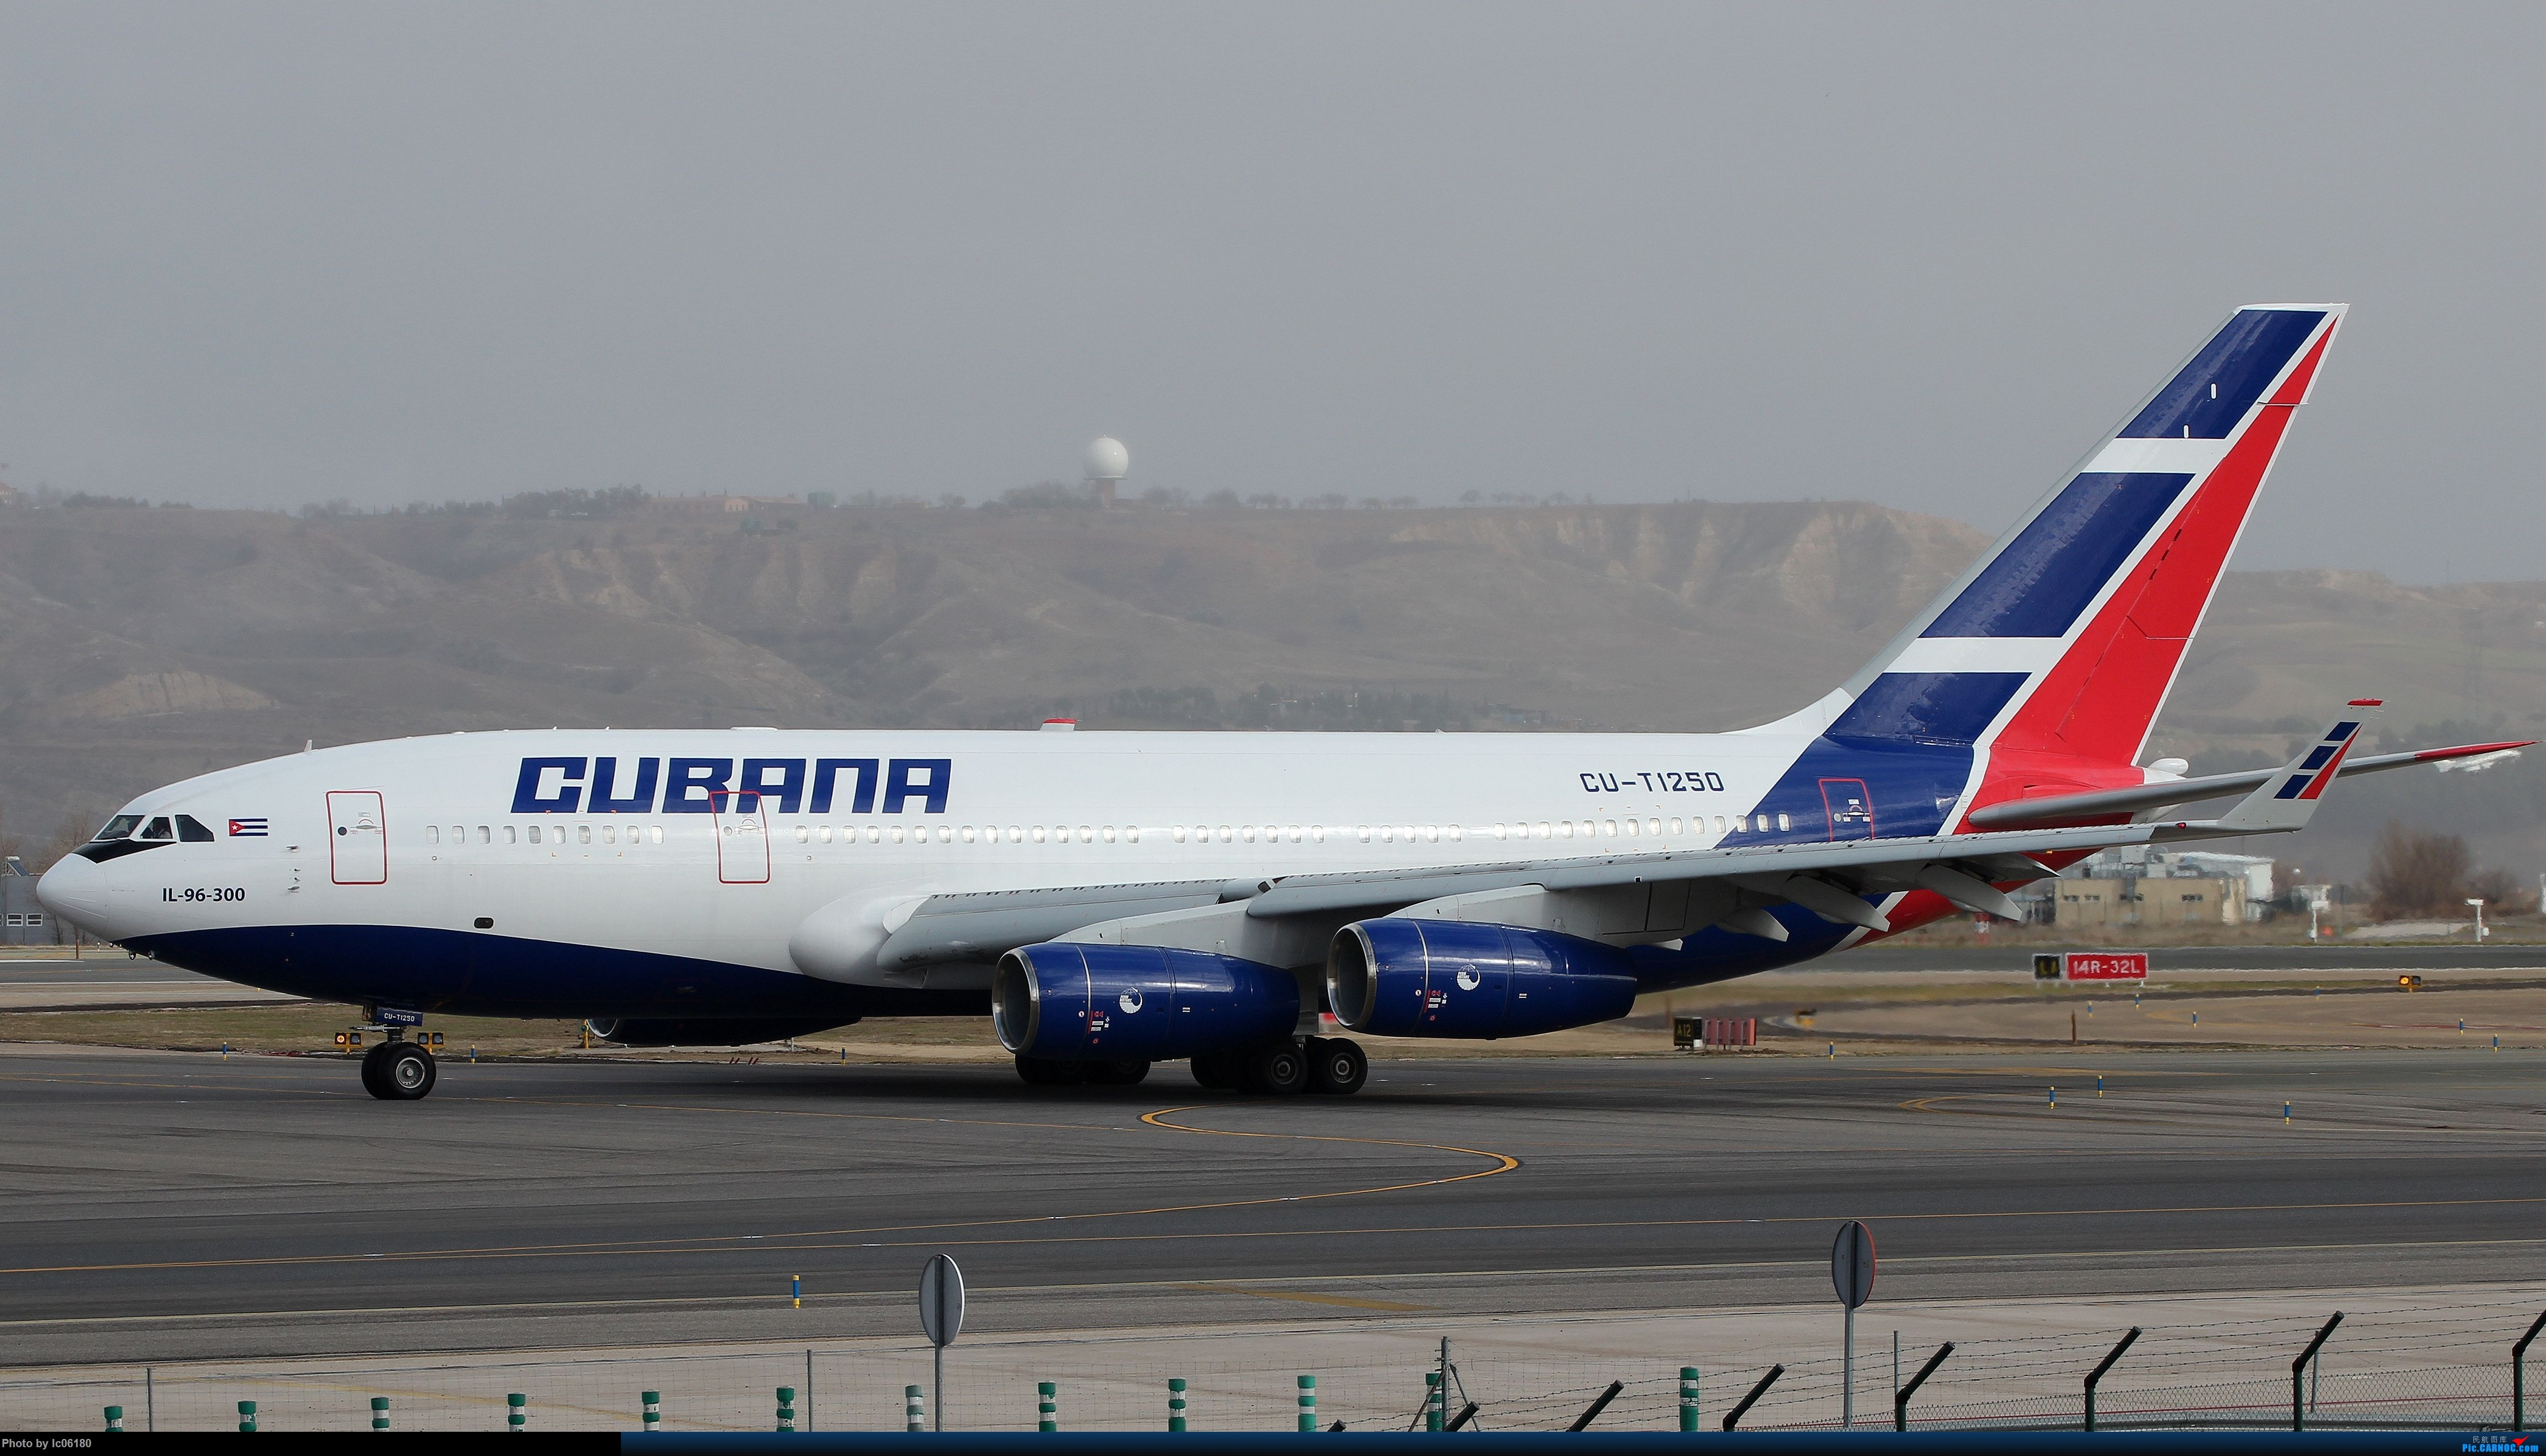 Re:[原创]『lc06180』彩虹下的马德里机场&古巴航空IL96 ILYUSHIN IL-96-300 CU-T1250 西班牙马德里机场